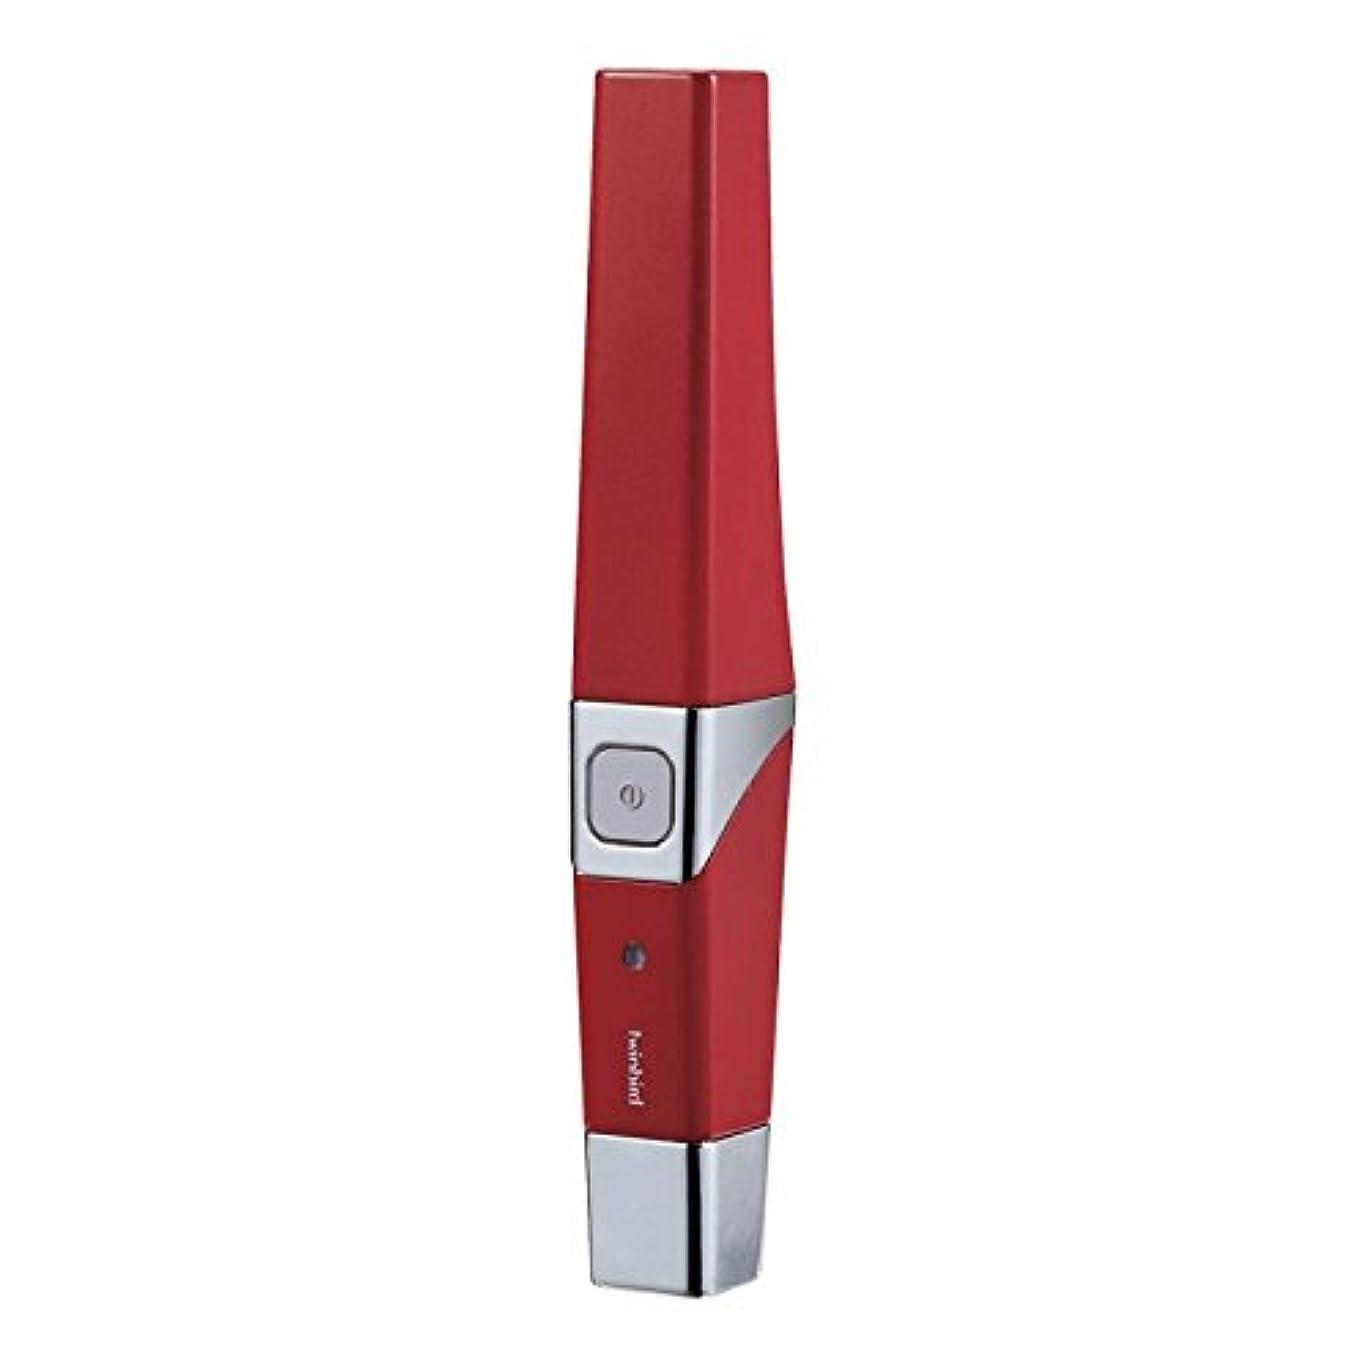 メドレー新しさワードローブツインバード 音波振動式USB充電歯ブラシ ACアダプター付 レッド BD-2757R